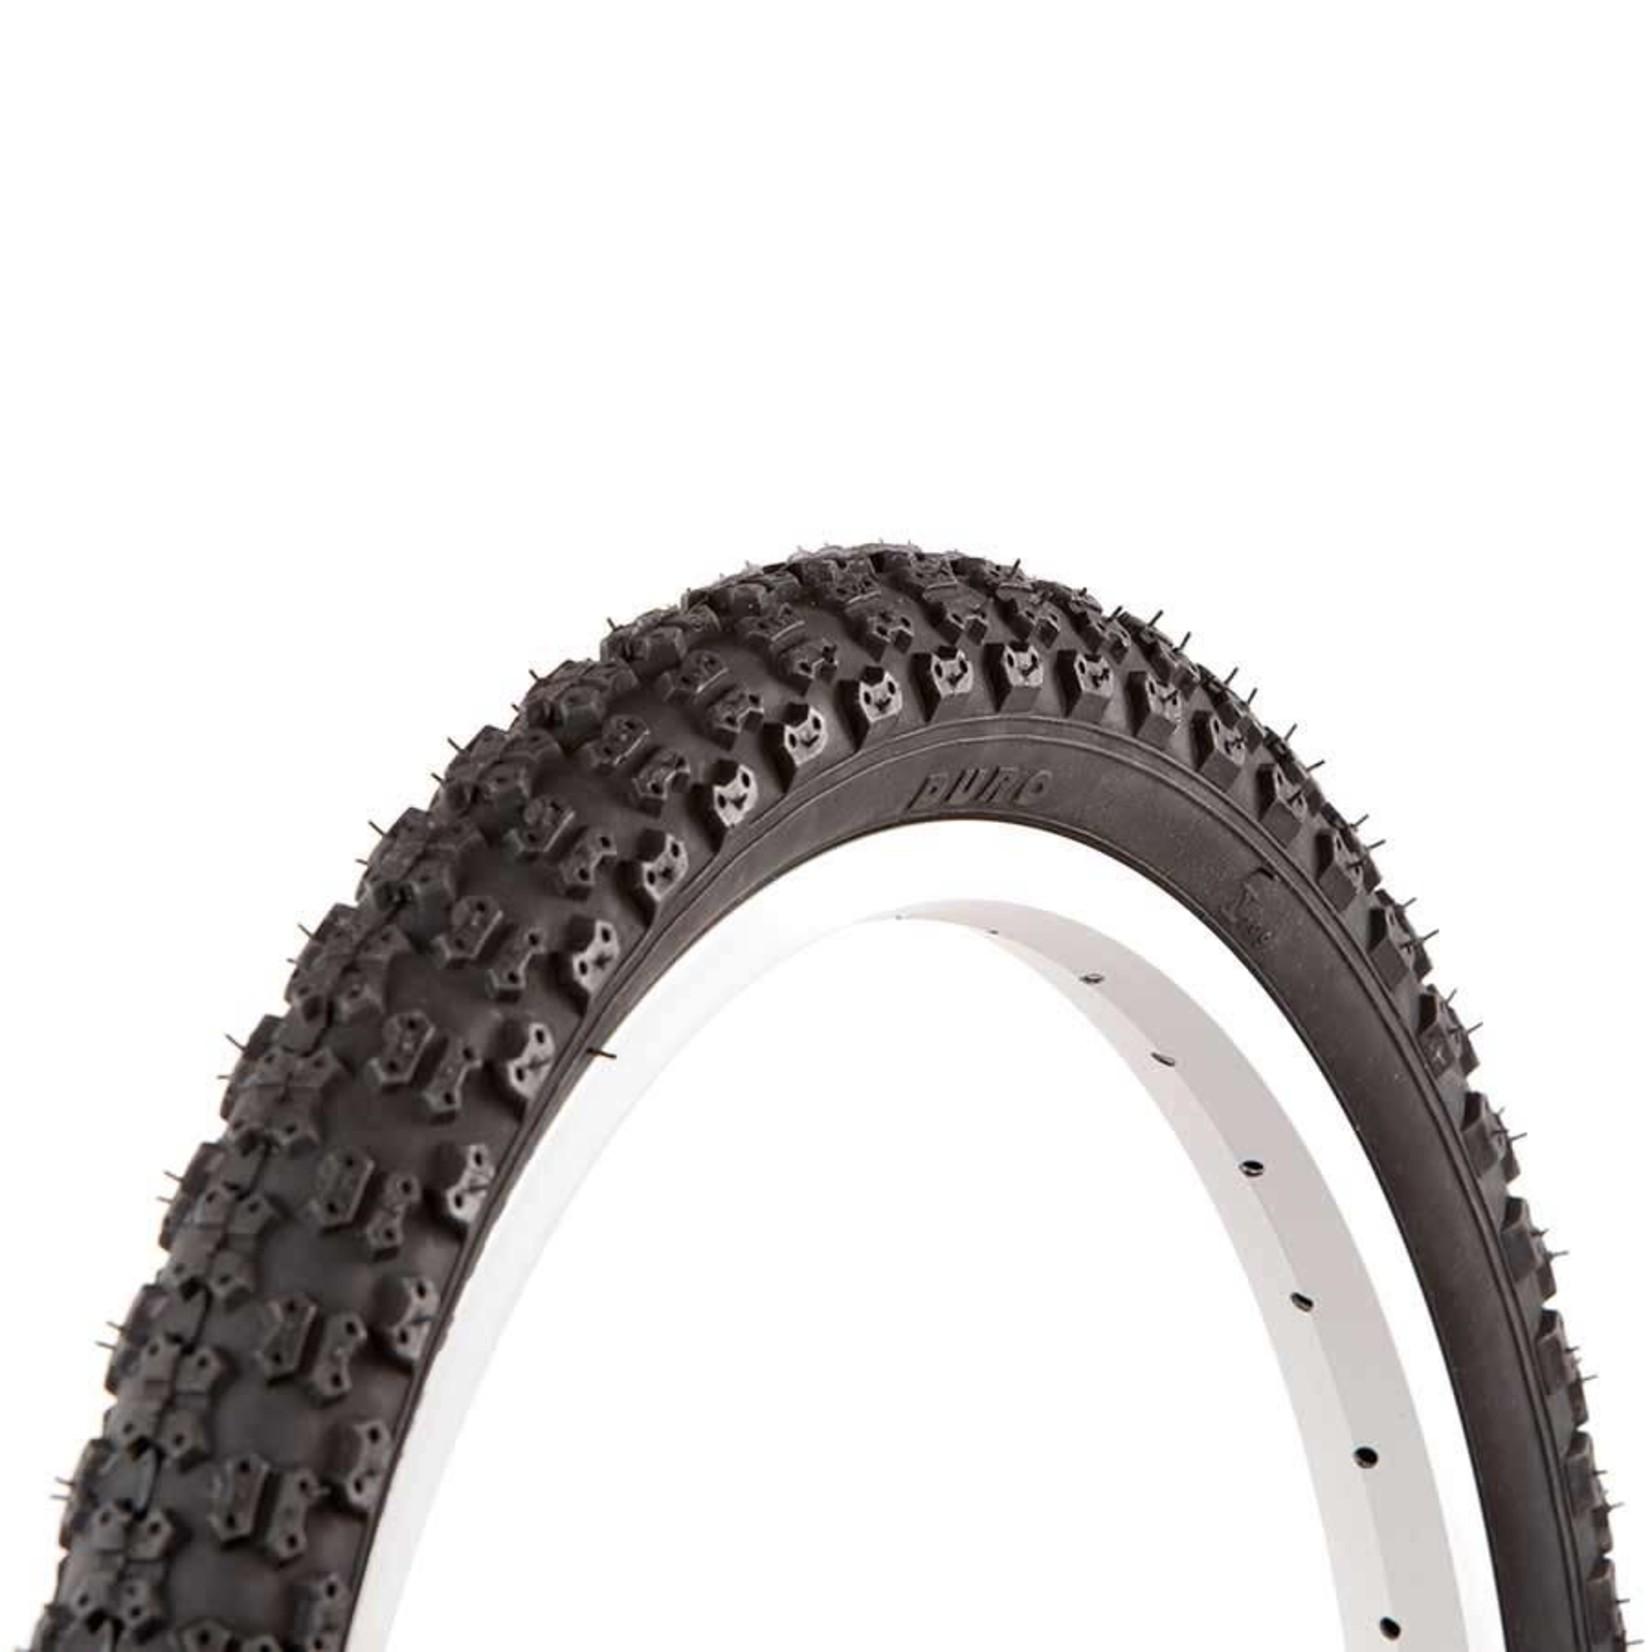 Evo Evo Splash Knobby Wire Bead Tire, 16x1.75